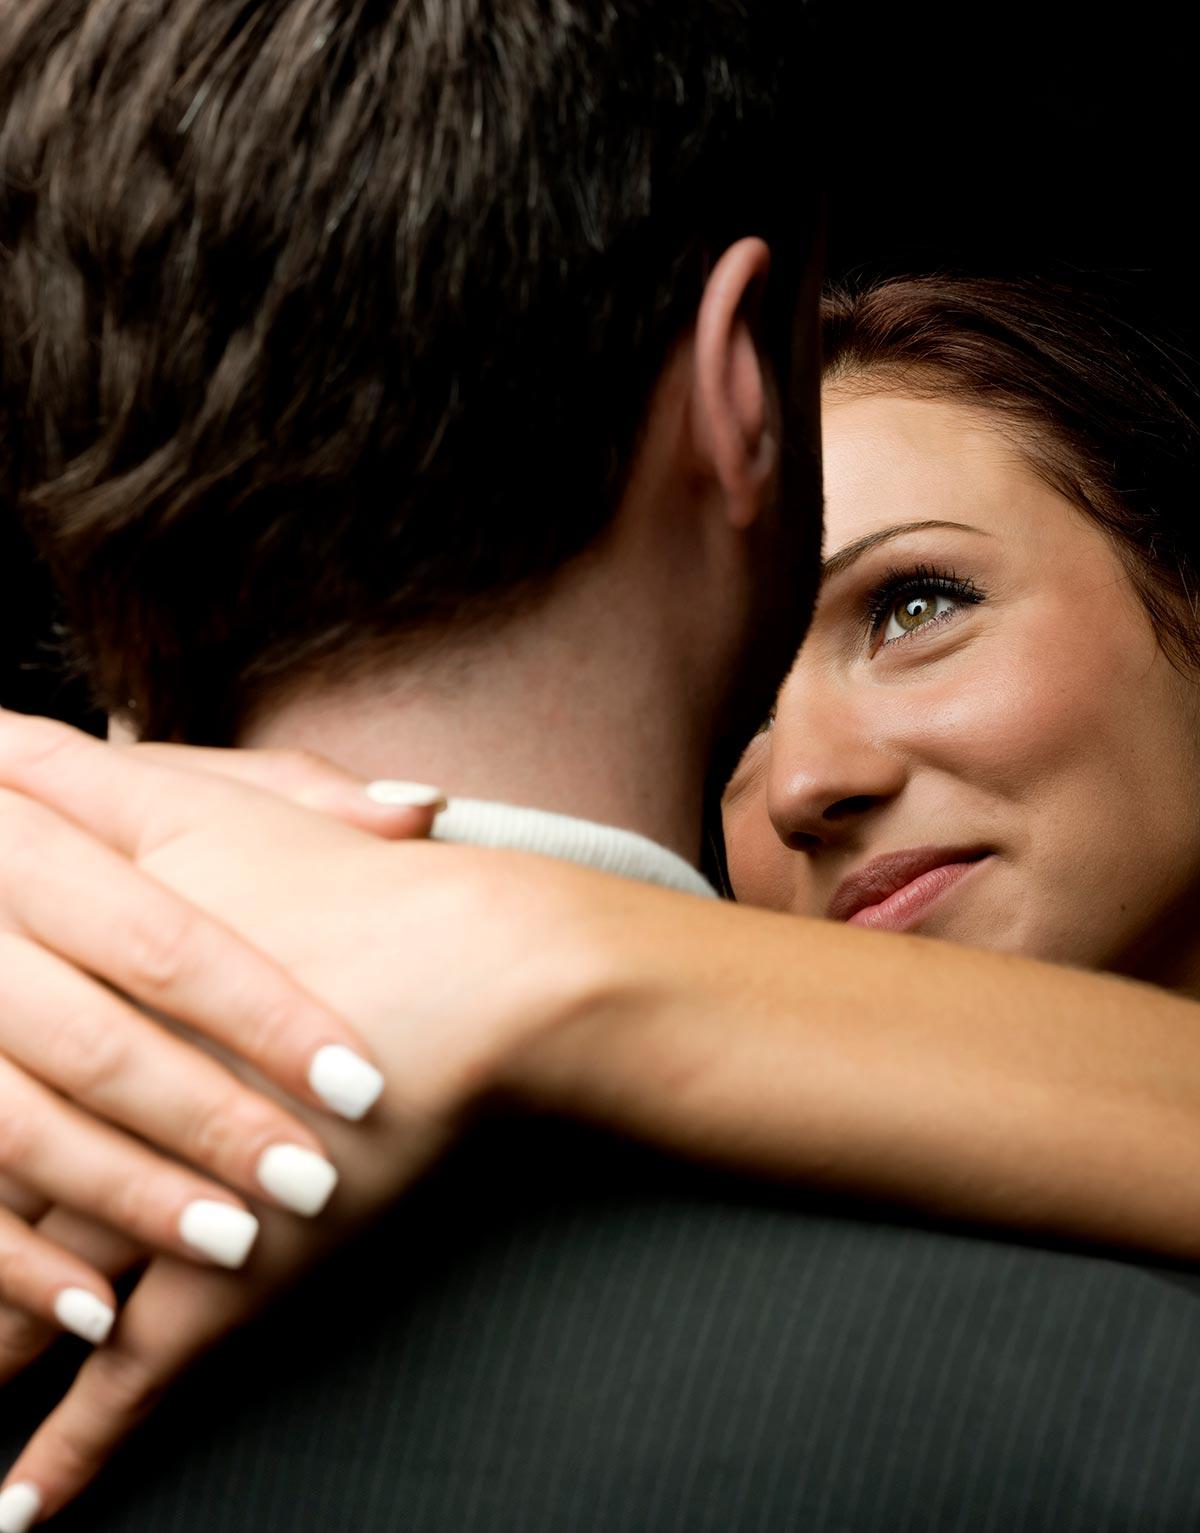 ¿Te atreverías a ser la amante? Todo lo que debes saber antes de ser 'la otra'